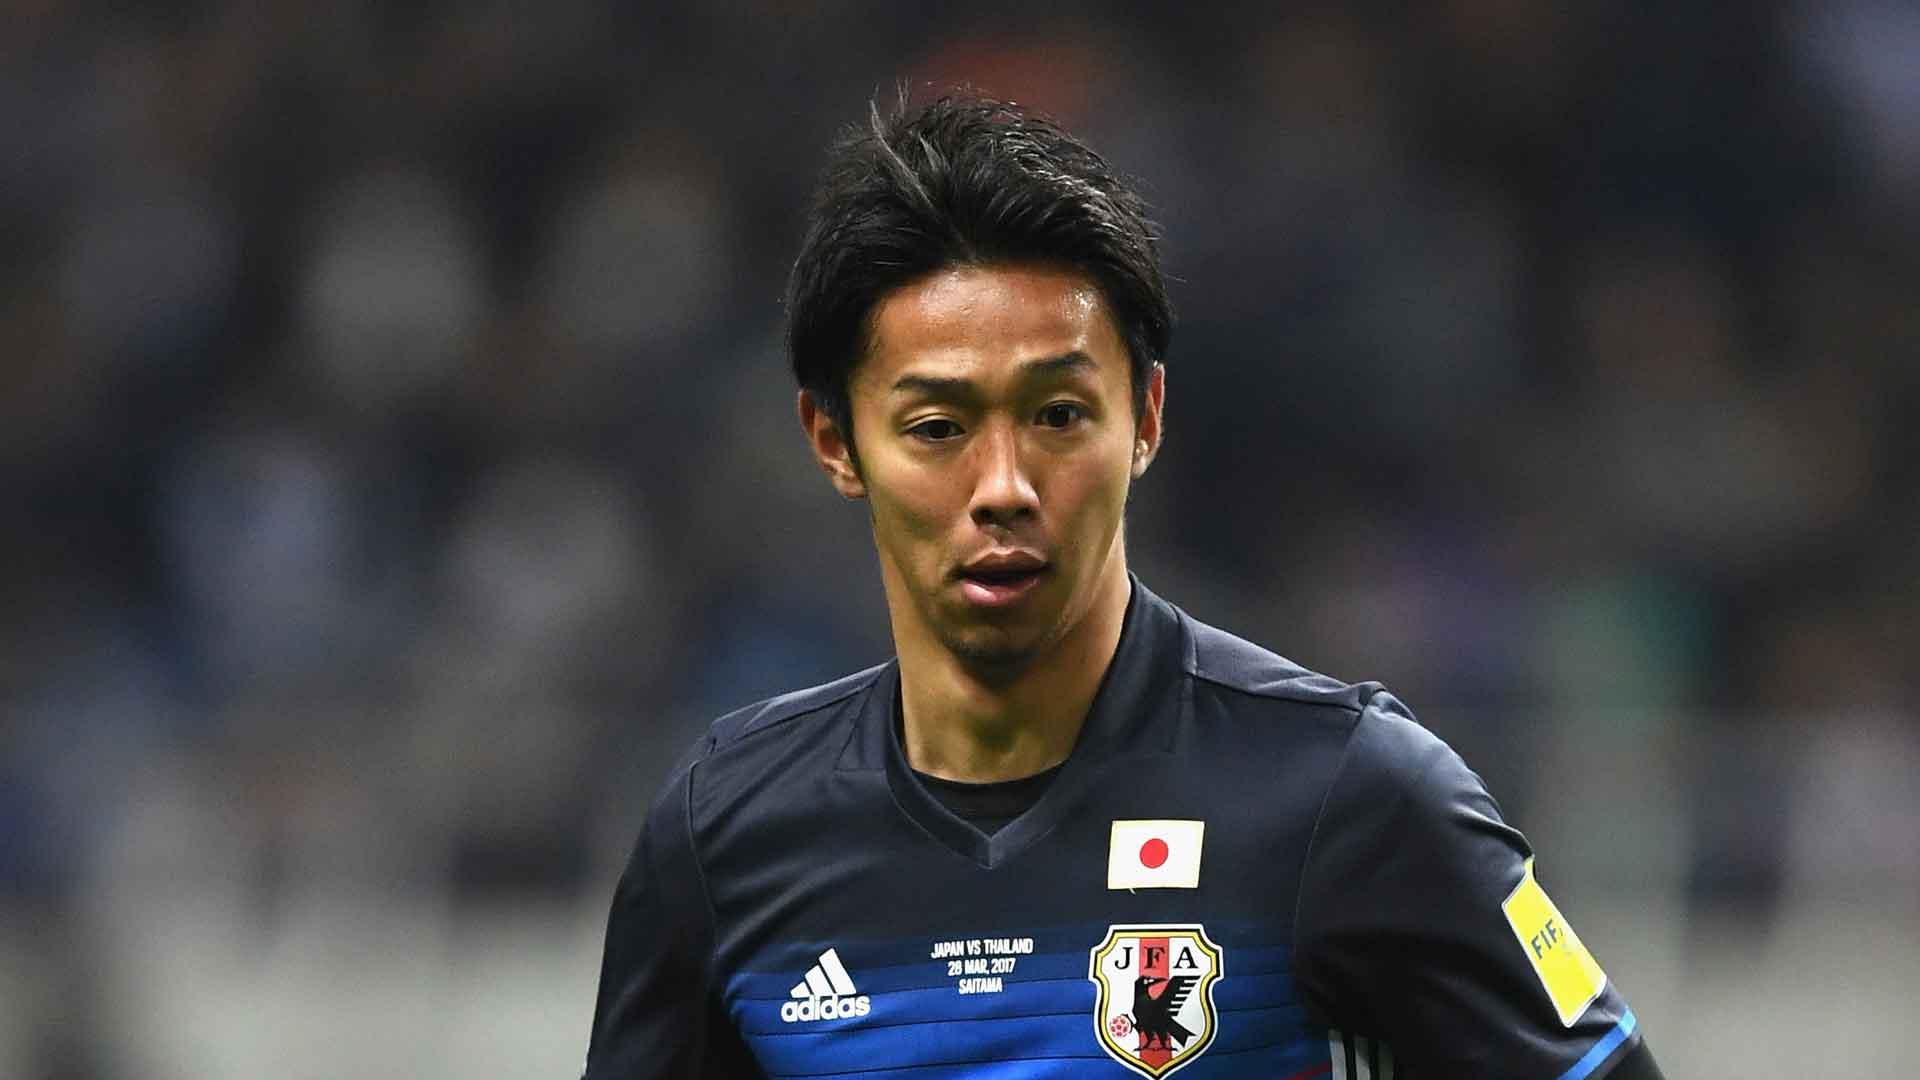 Hiroshi Kiyotake of Japan